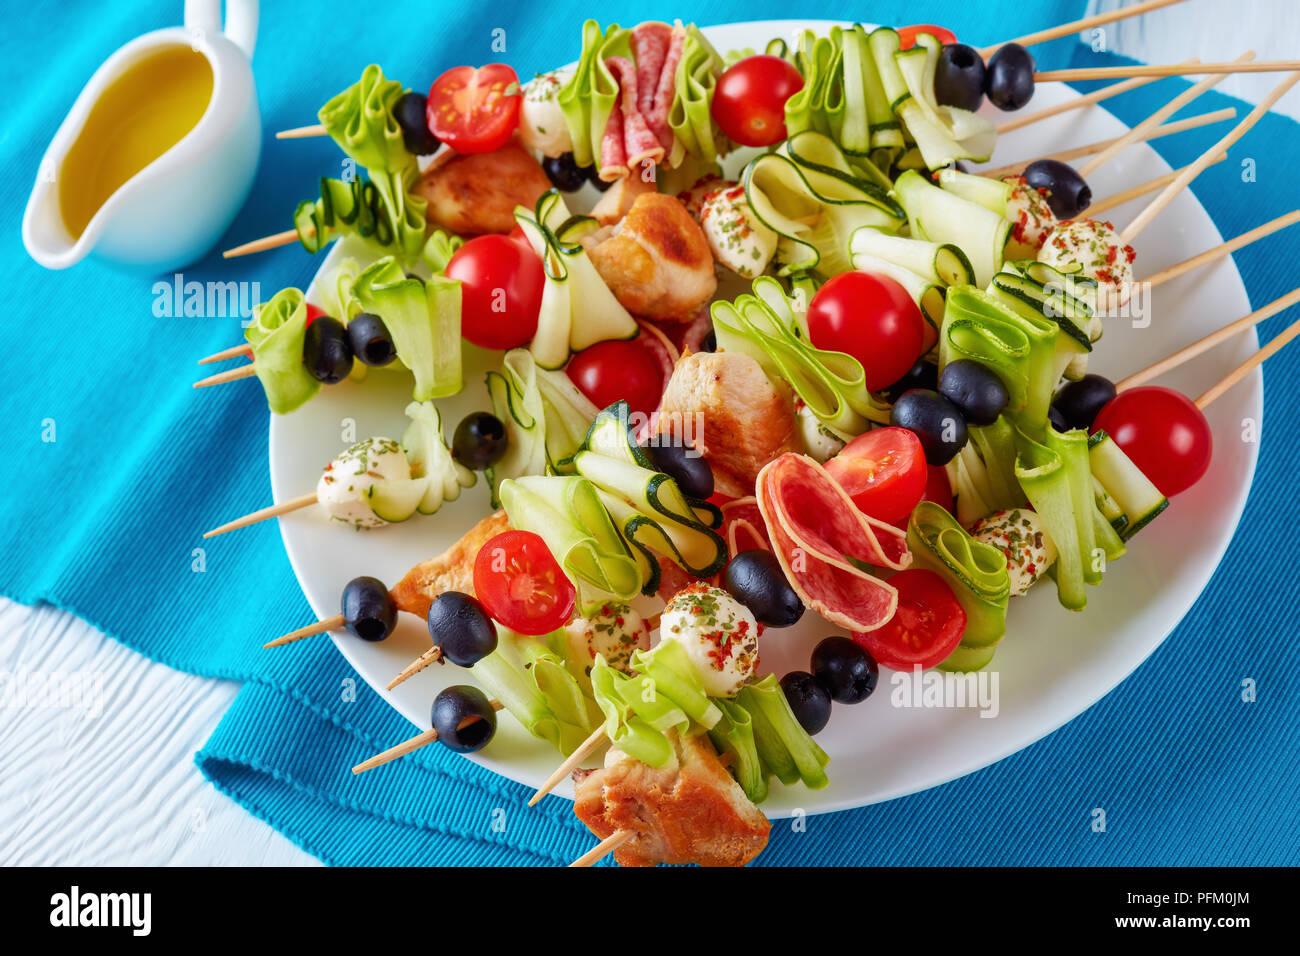 Carne di pollo shish kebab spiedini con nastri di zucchine, pomodori, mozzarella, sfere, fette di salame, olive nere su una piastra bianca, vista orizzontale da Immagini Stock